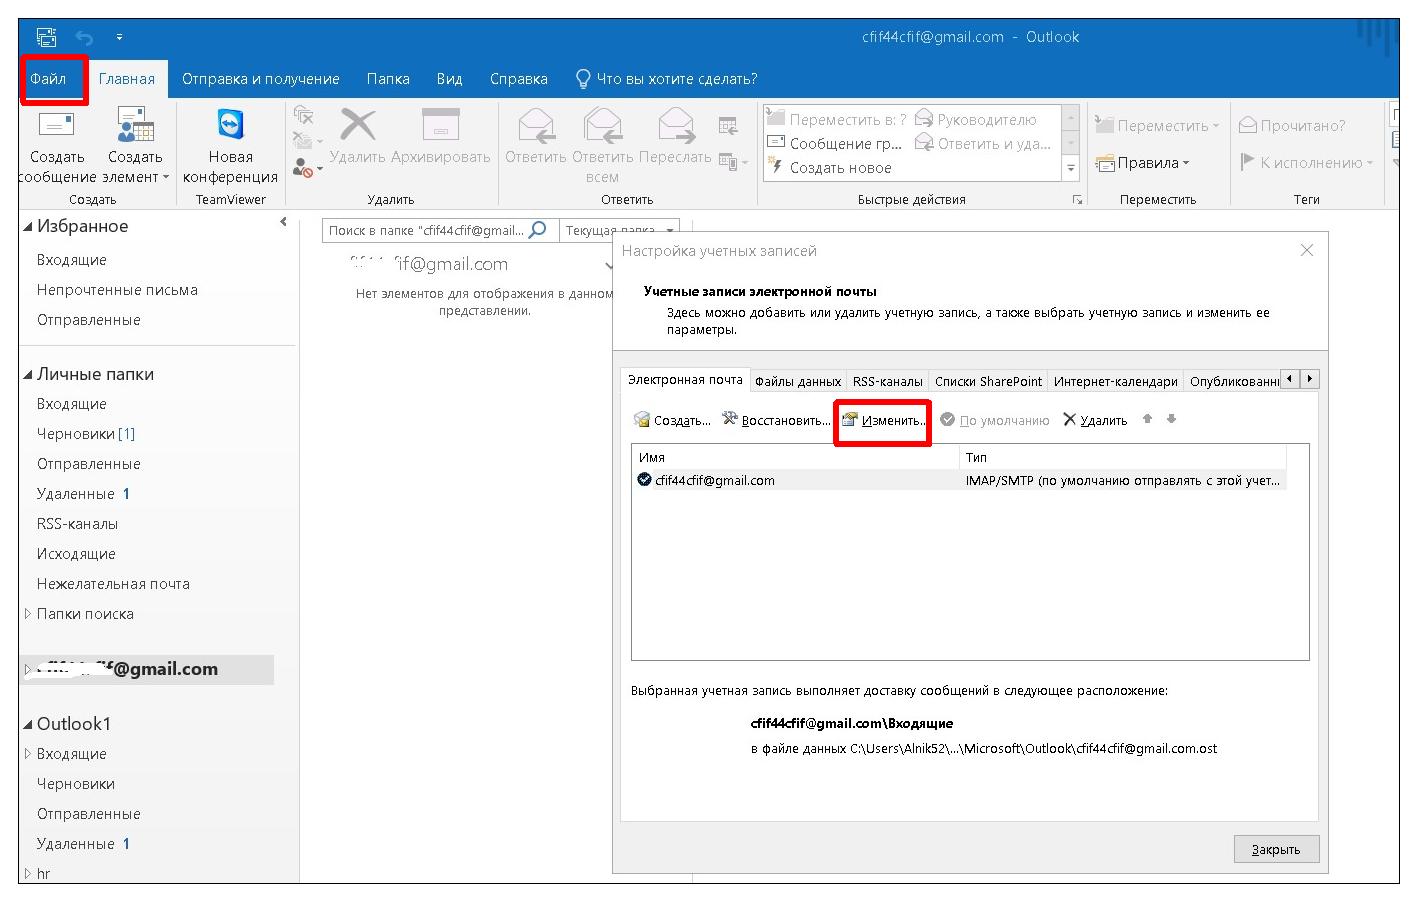 Настройка переадресации в Outlook